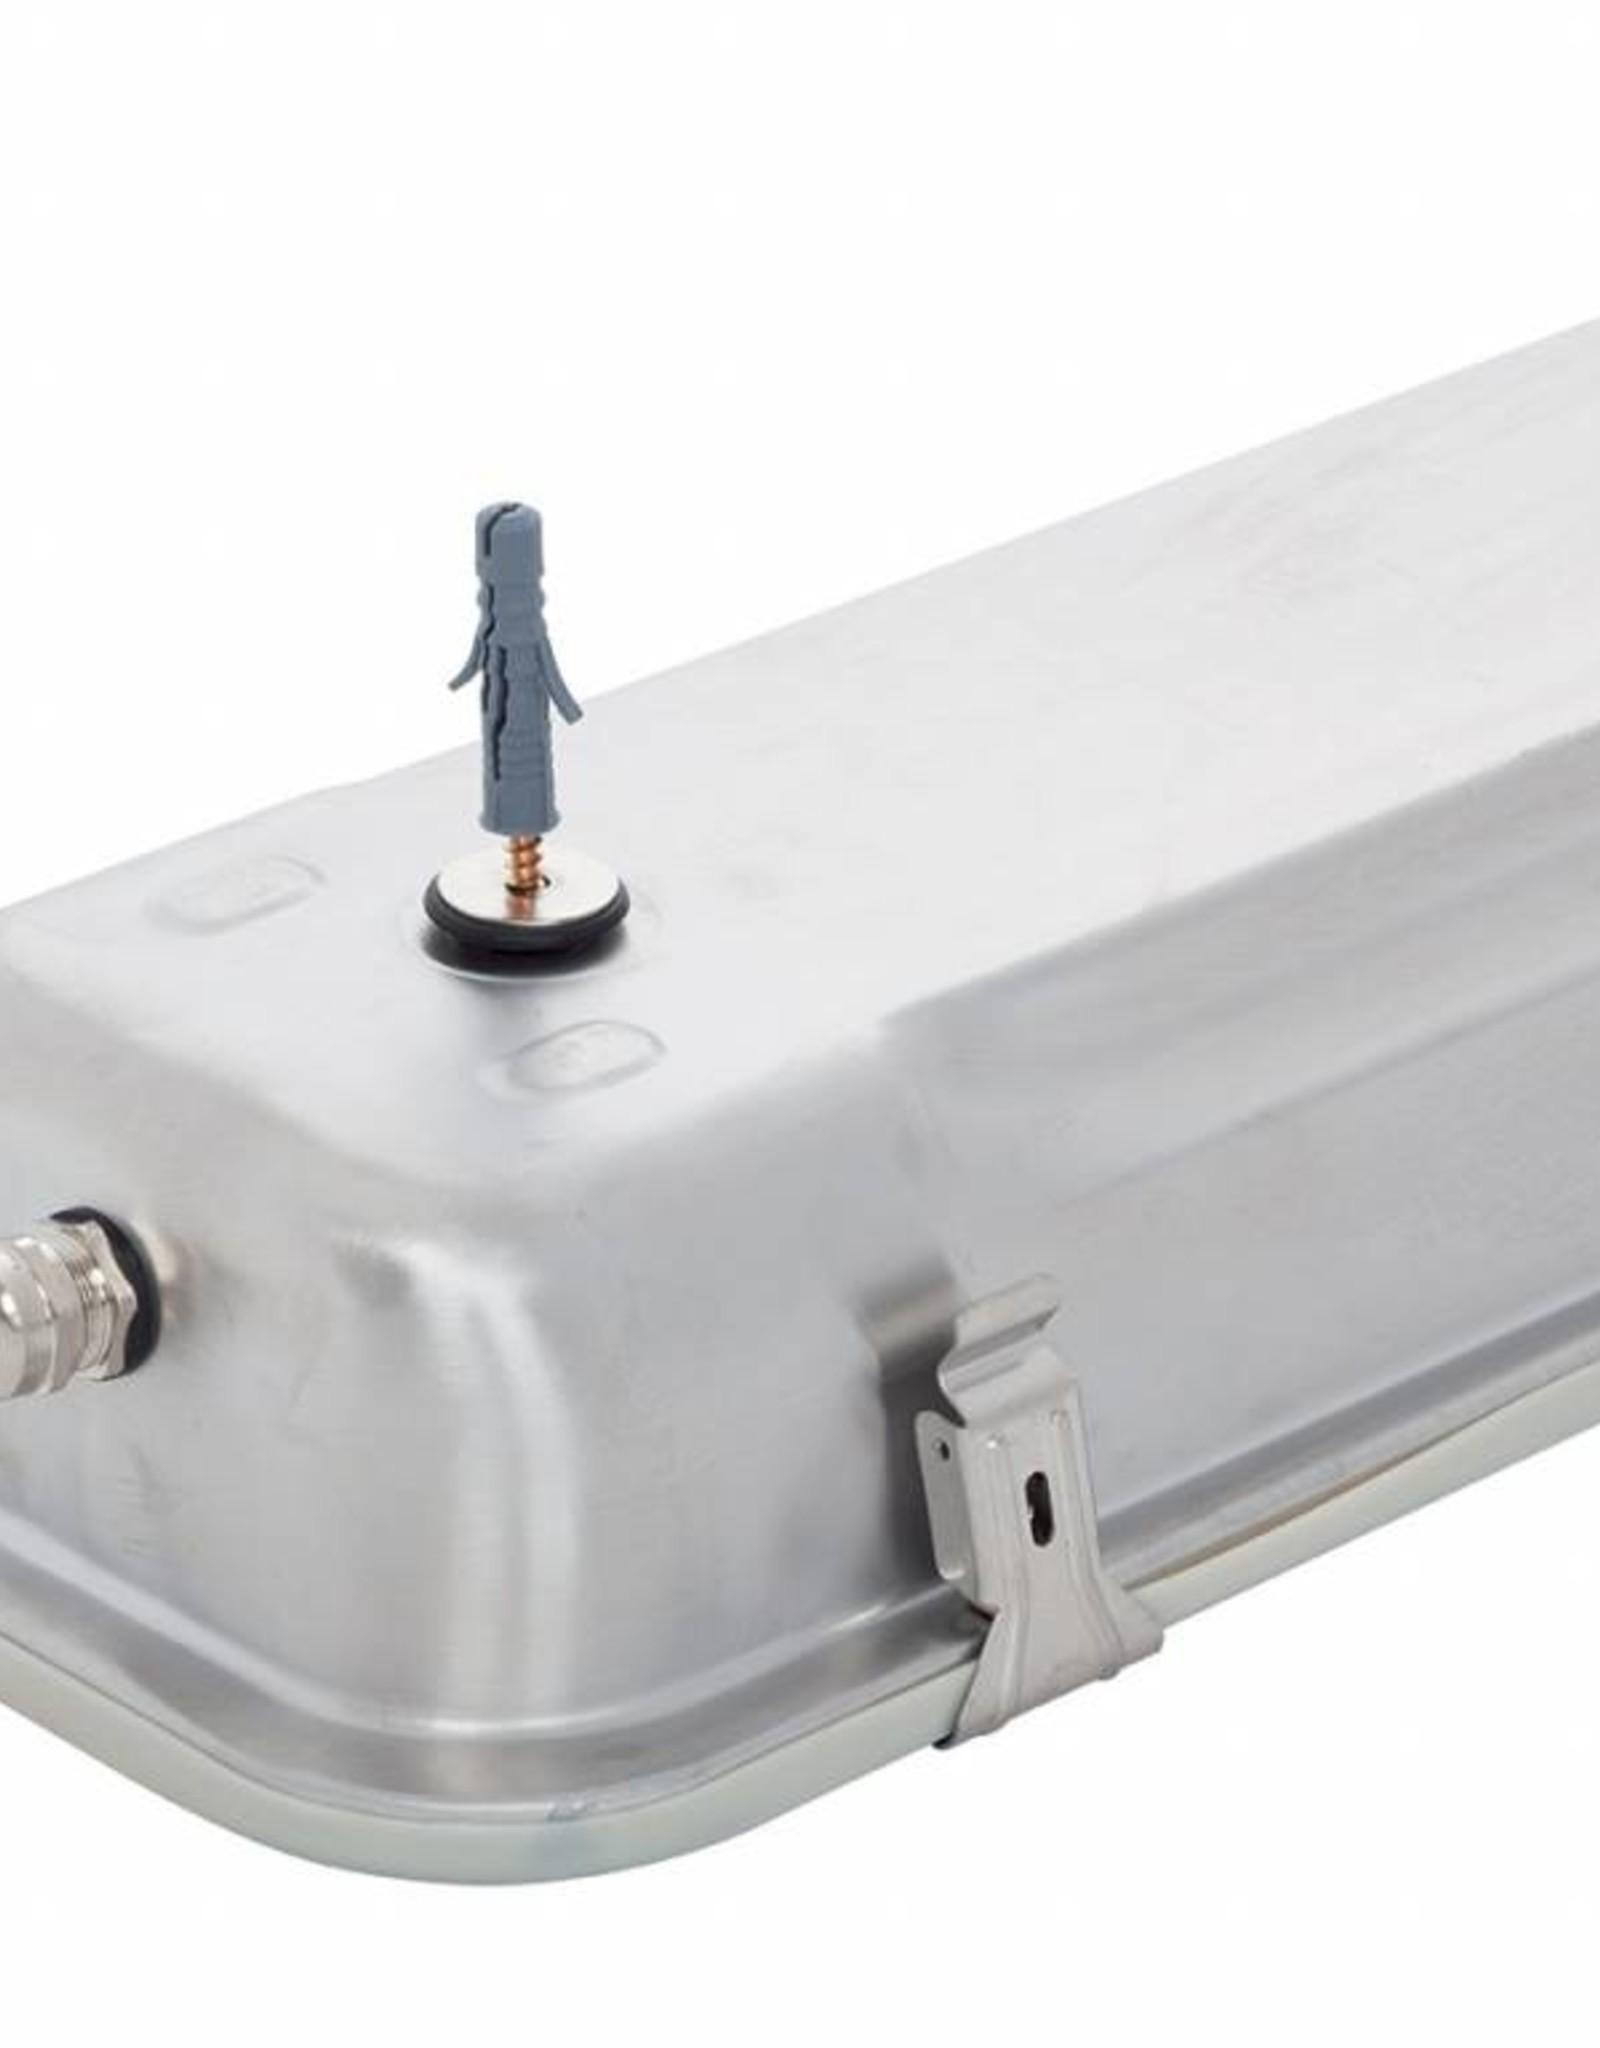 PERUN LED 1.4 Ft 4400/840